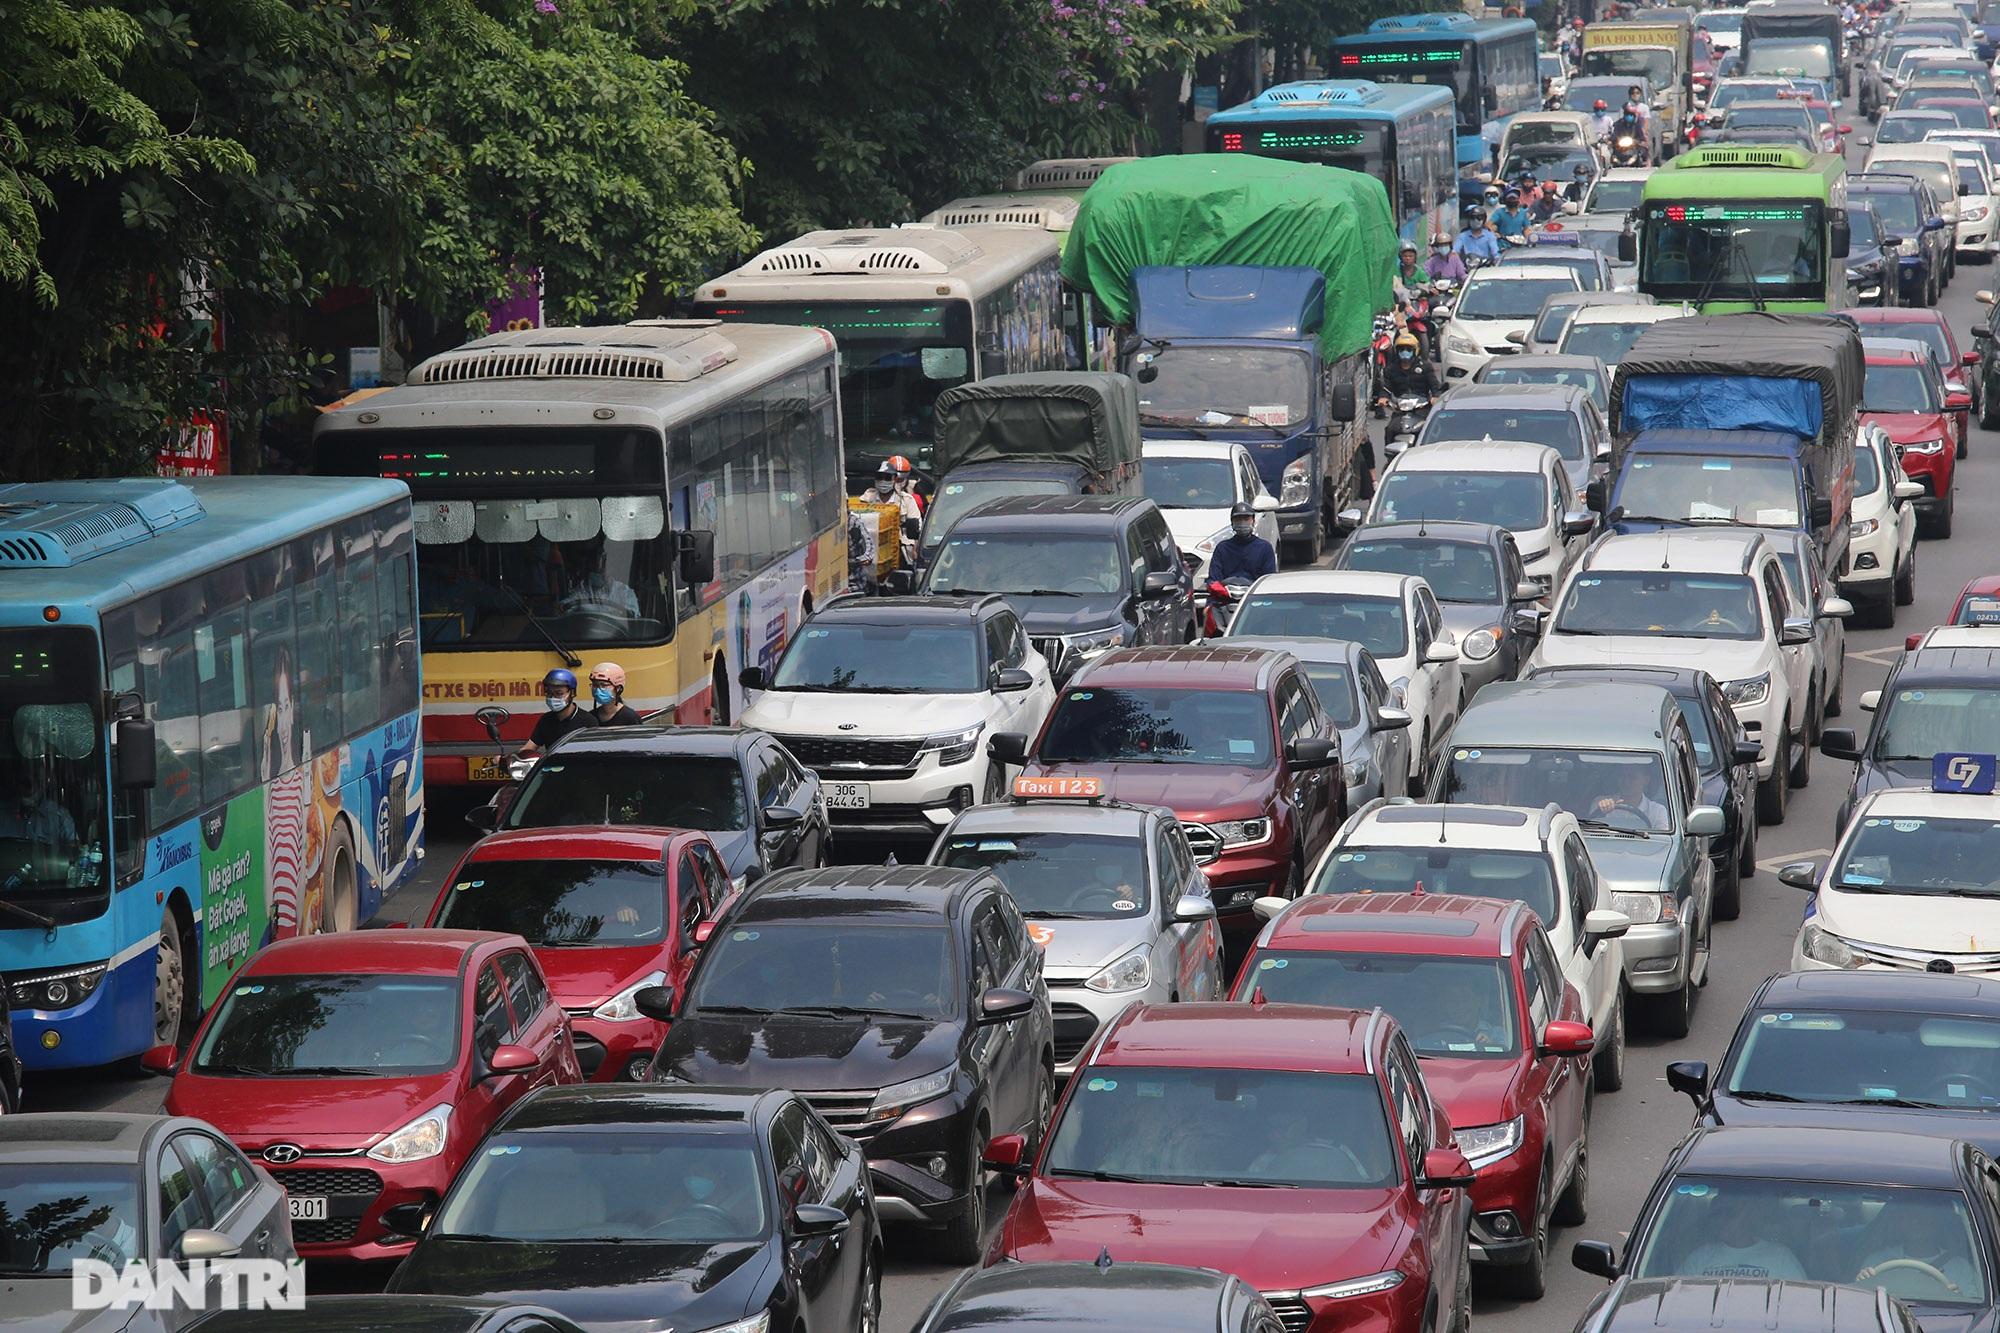 Mặc dù lo ngại dịch Covid-19, nhiều điểm vui chơi ở Hà Nội vẫn đông khách - 7